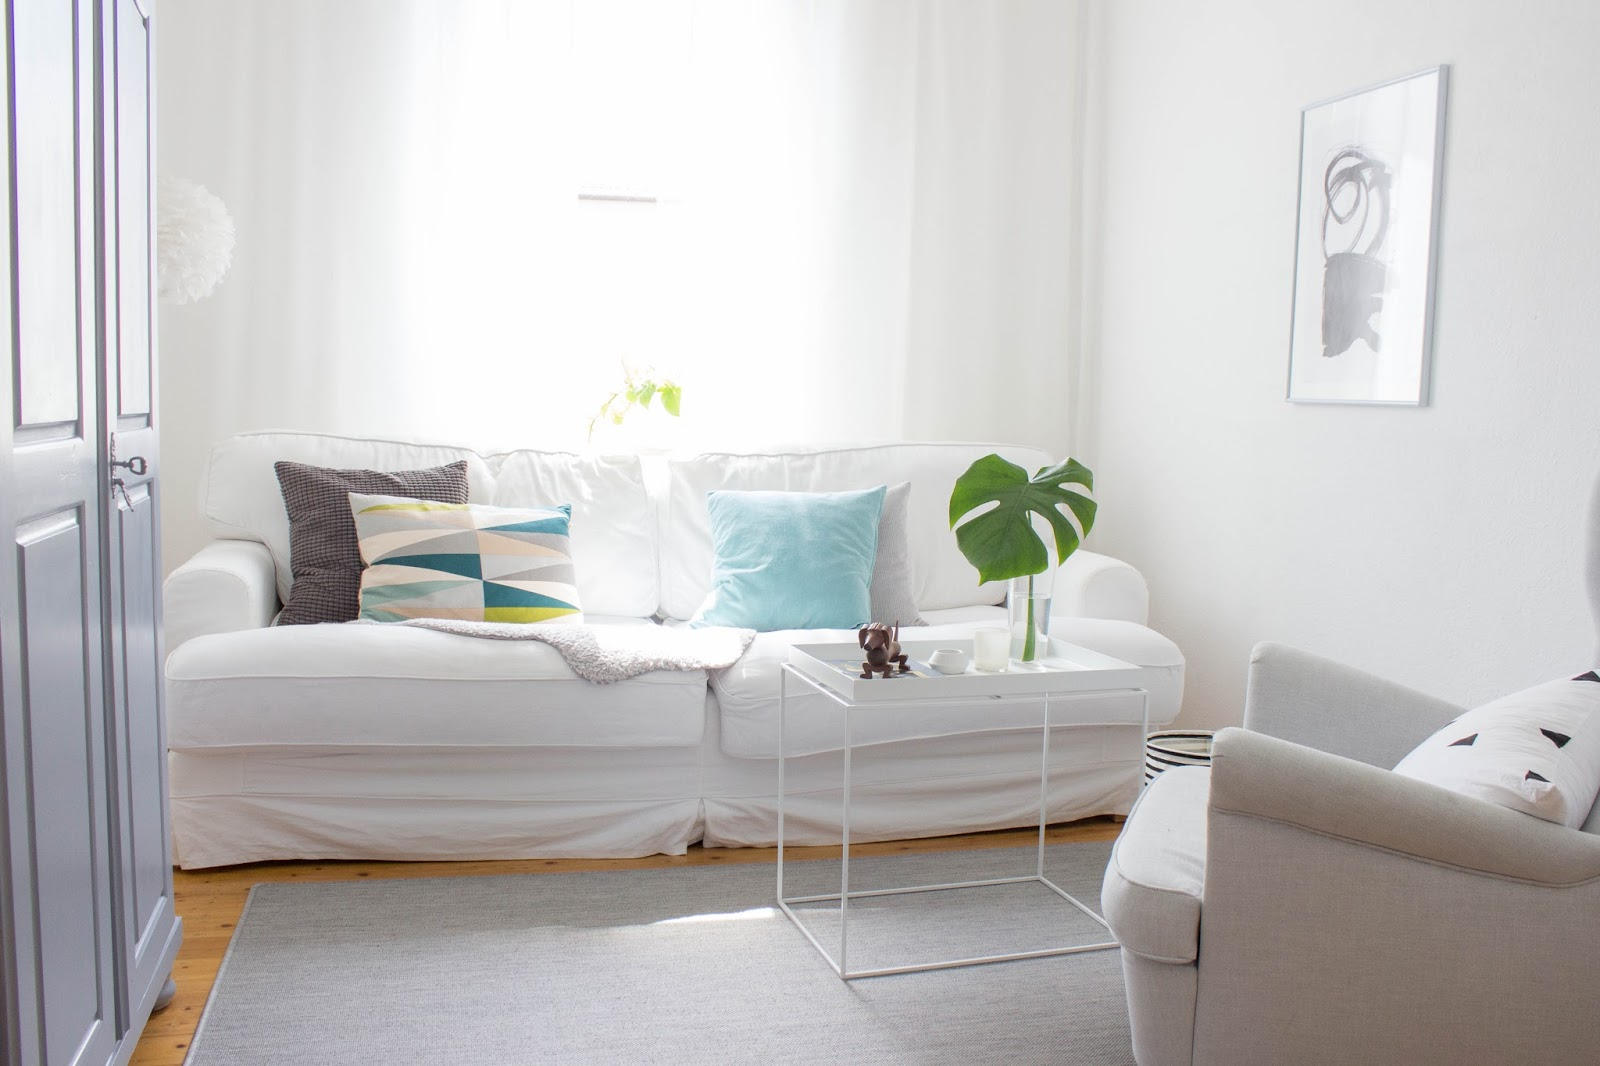 Kleines wohnzimmer entspannt einrichten meine - Mini wohnzimmer ...